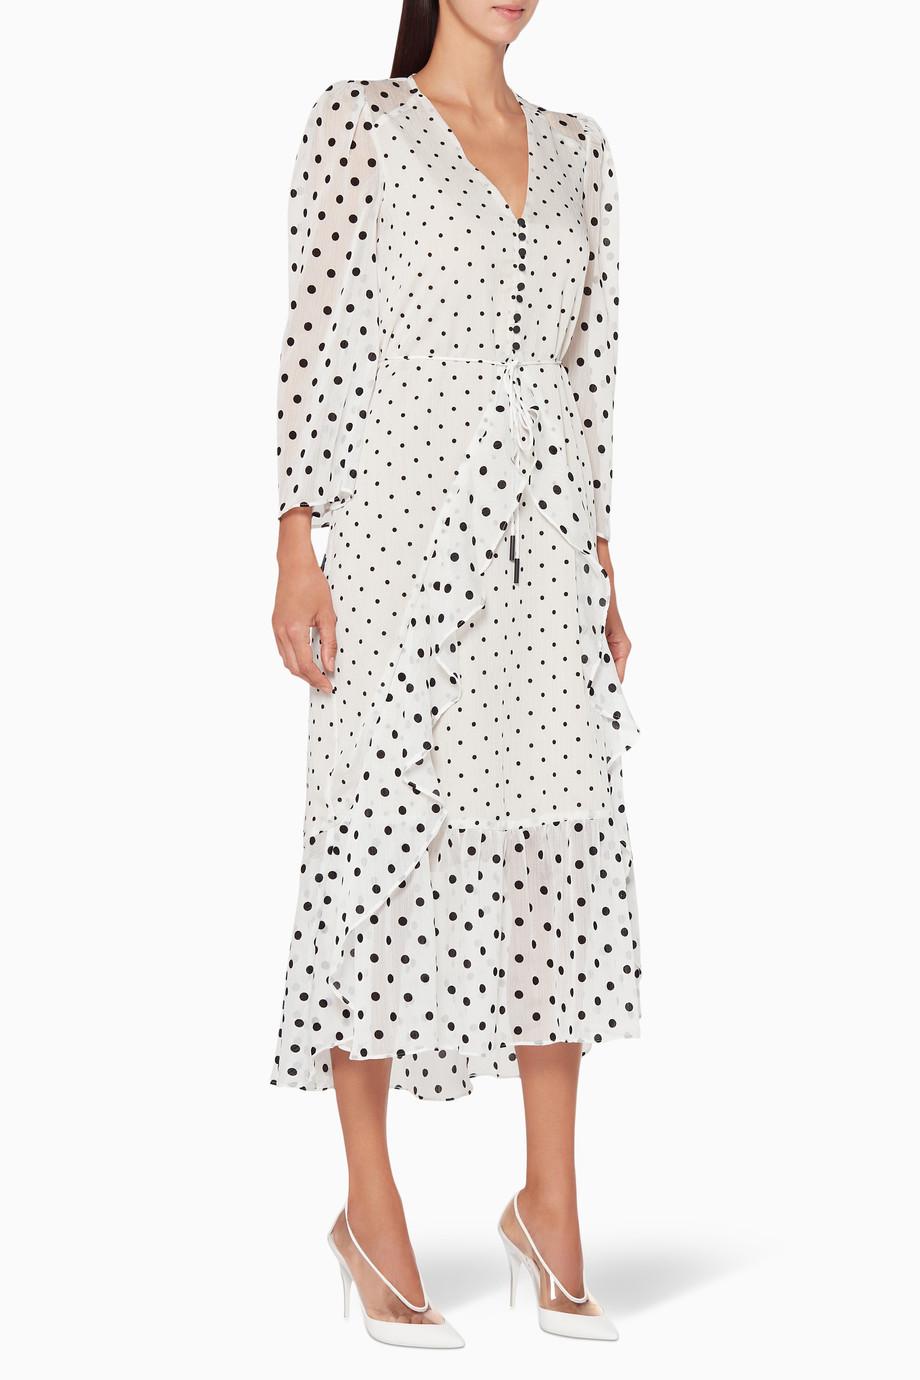 b09ef69517ed0 Shop Elliatt White White Polka-Dot Abigail Midi Dress for Women ...